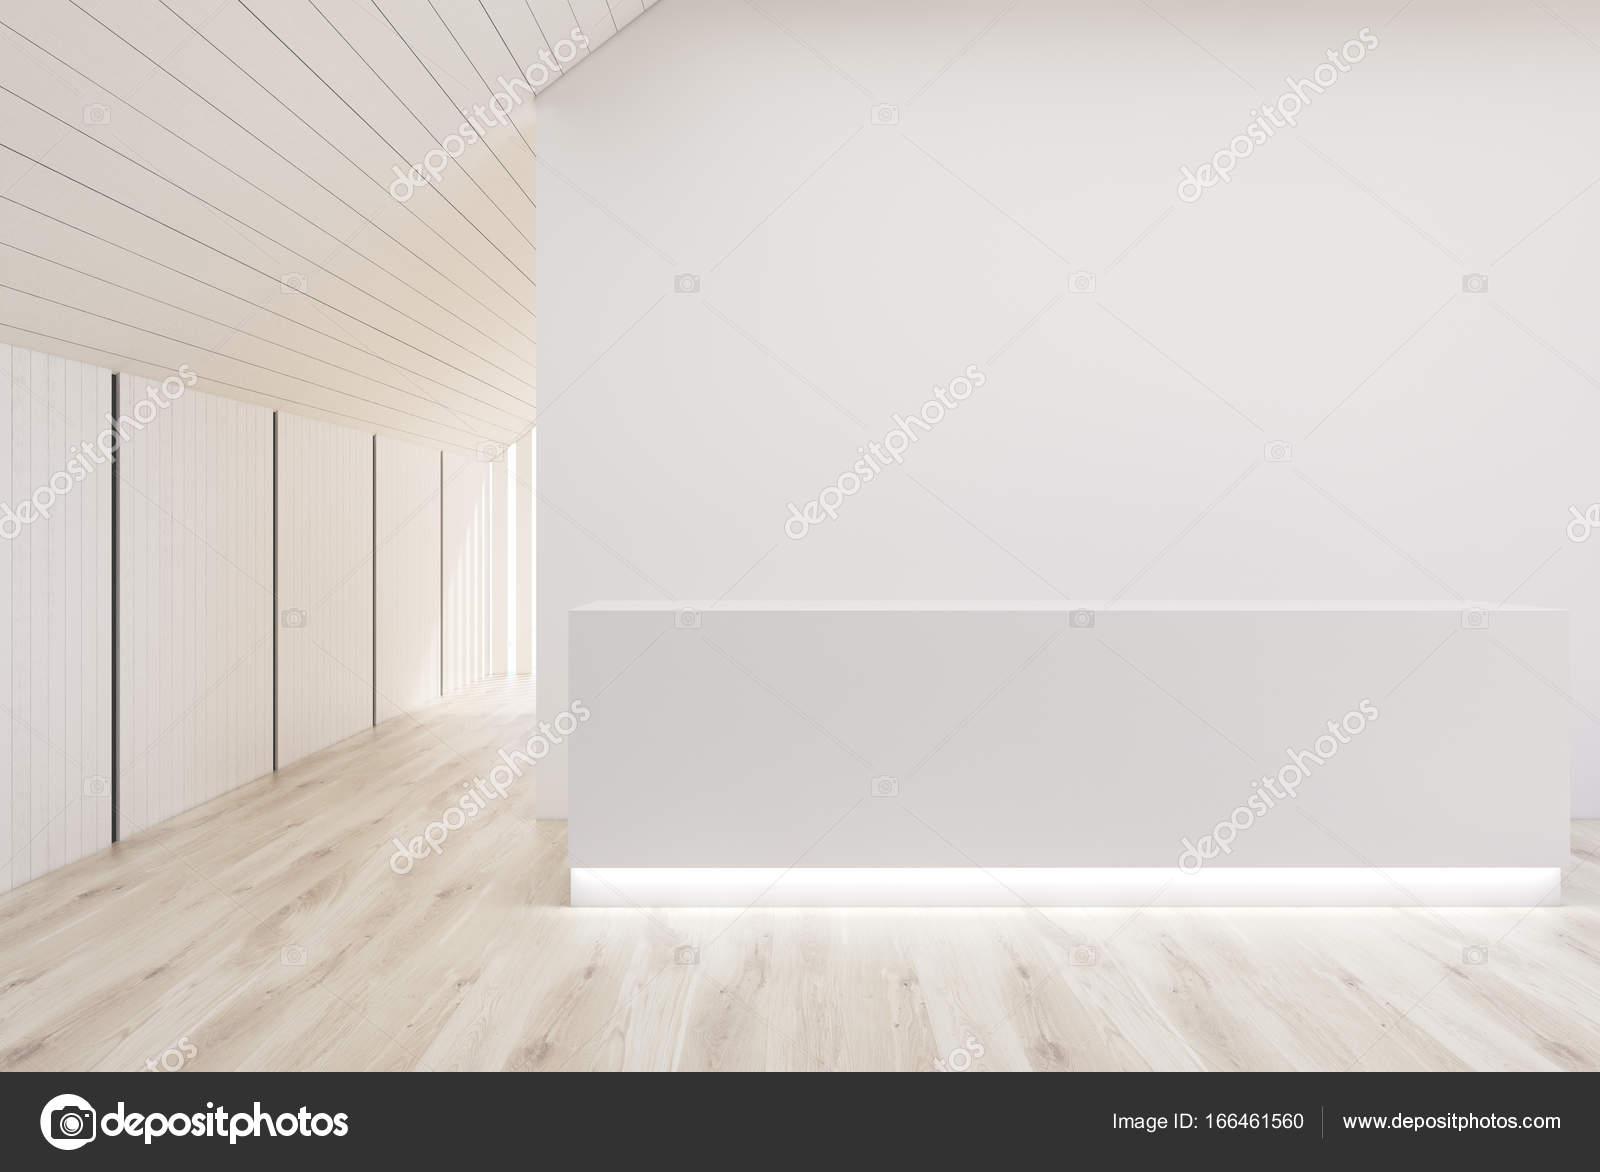 Ufficio Bianco E Legno : Reception ufficio bianco bianco e legno parete u foto stock